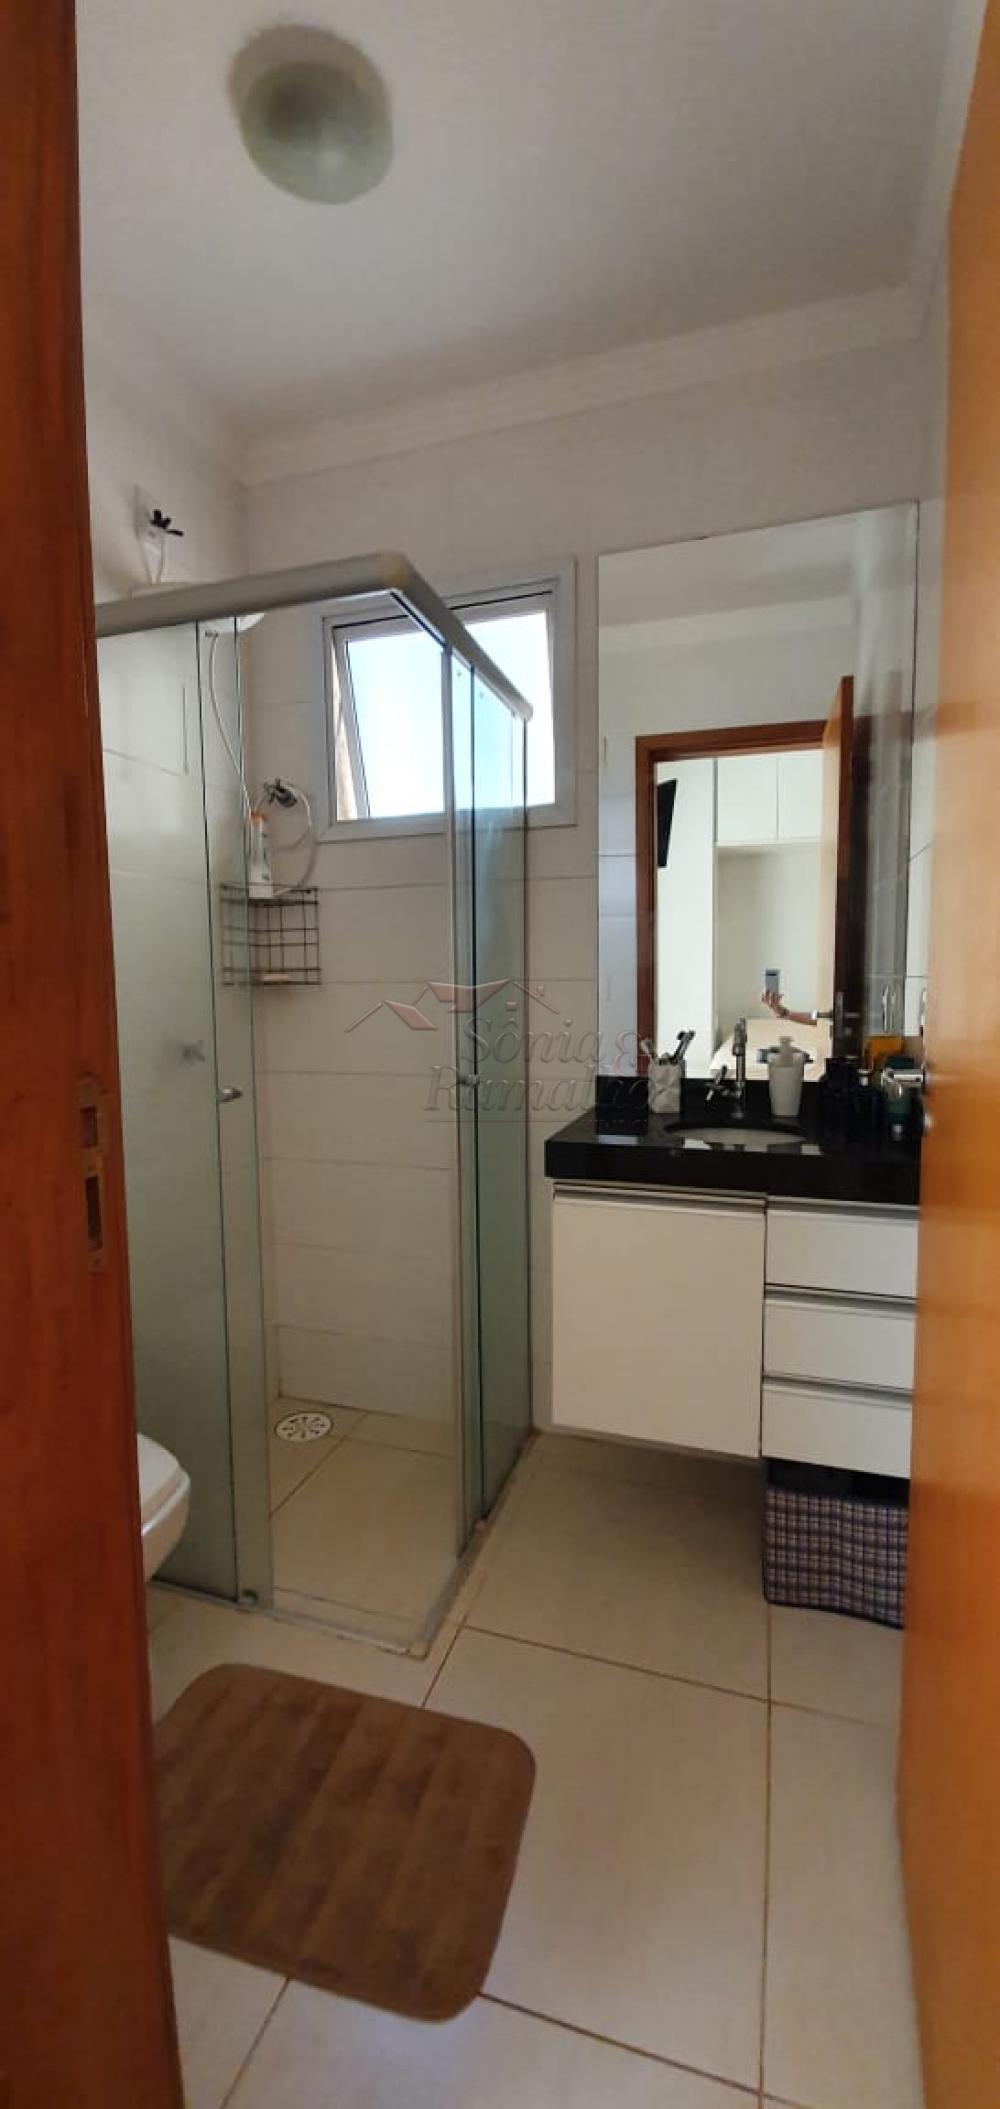 Alugar Apartamentos / Padrão em Ribeirão Preto apenas R$ 777,77 - Foto 10